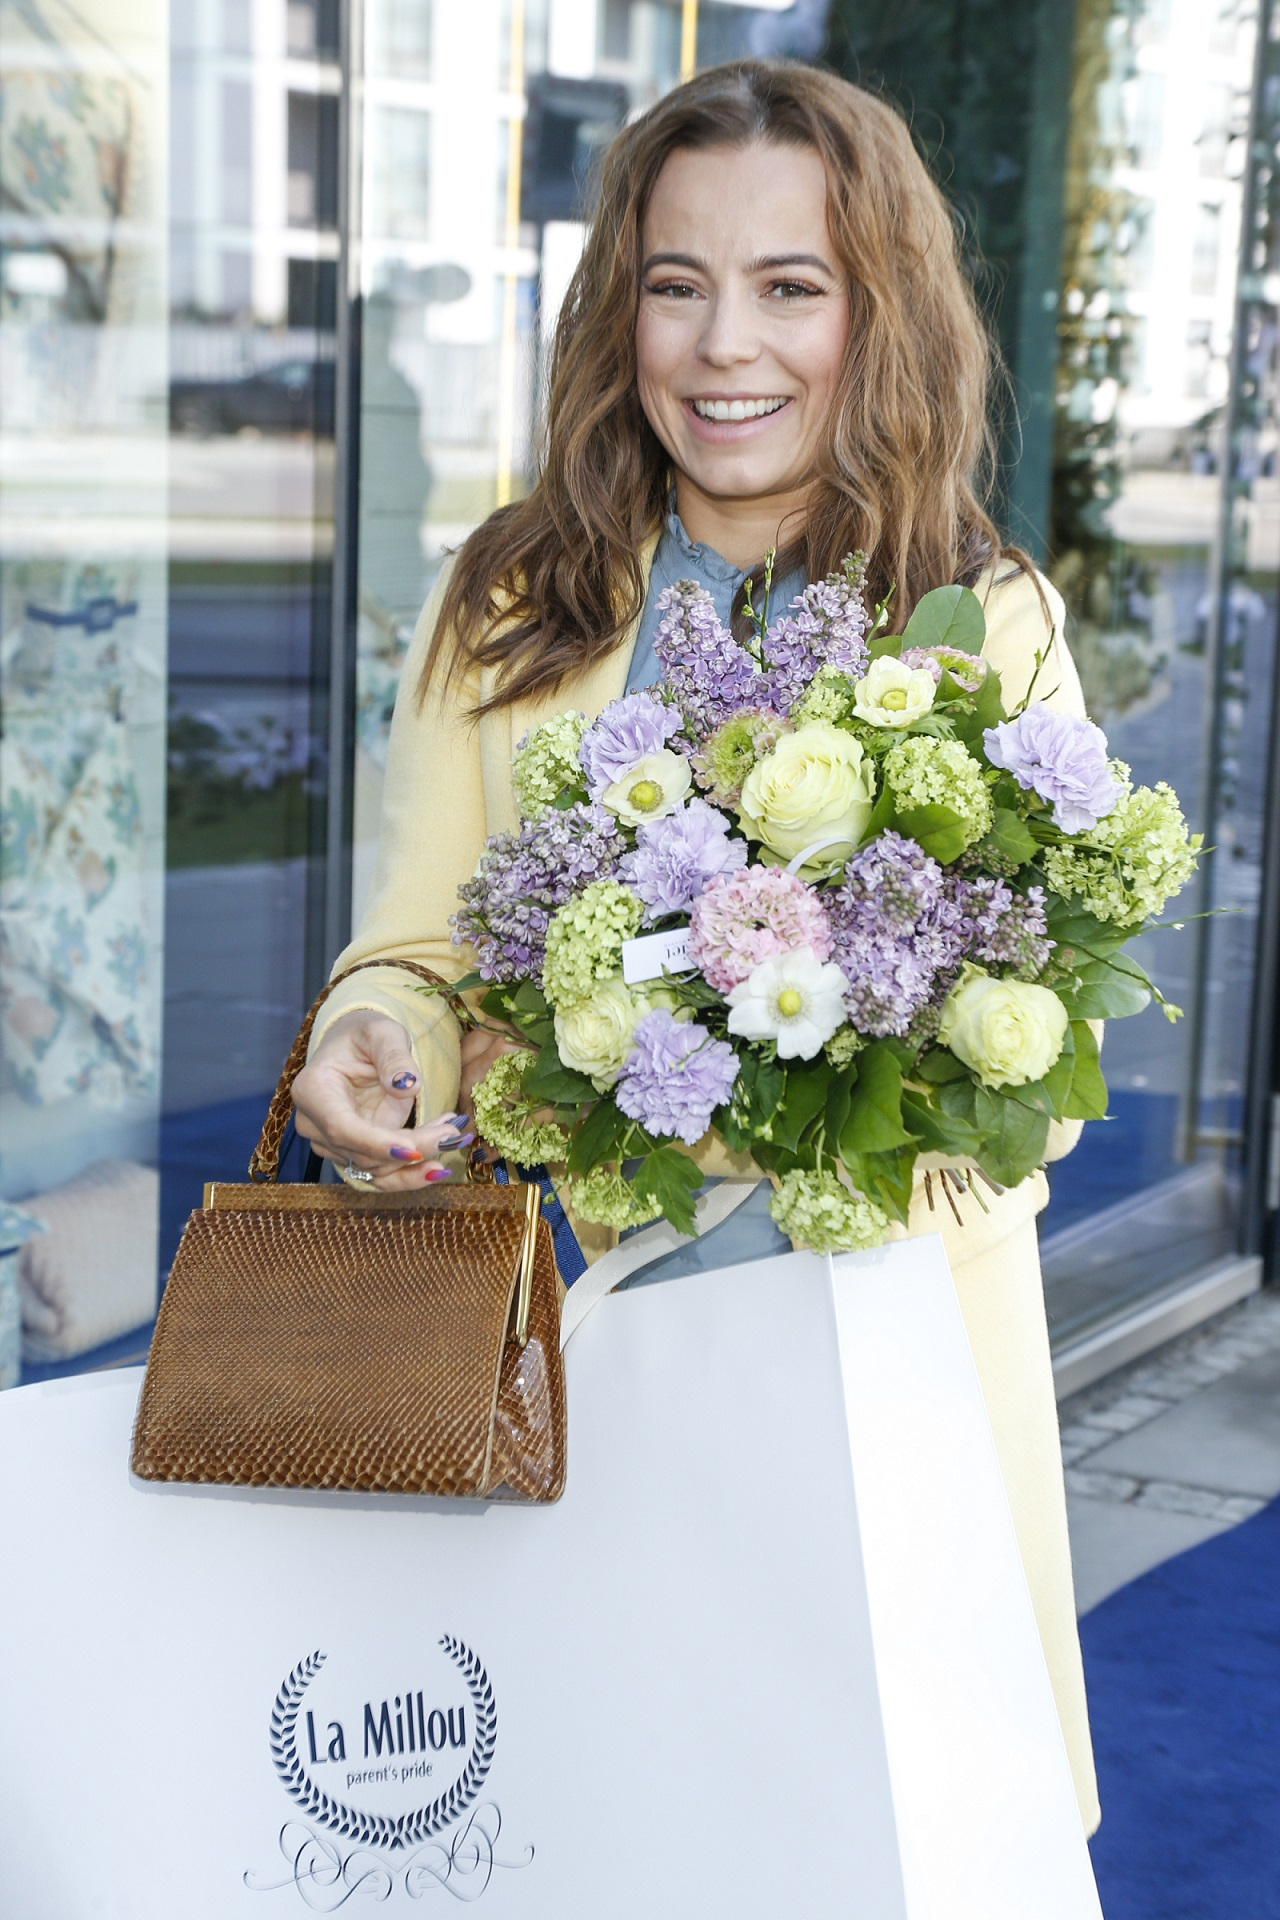 Anna Mucha pozuje z kwiatami w wiosennej stylizacji.